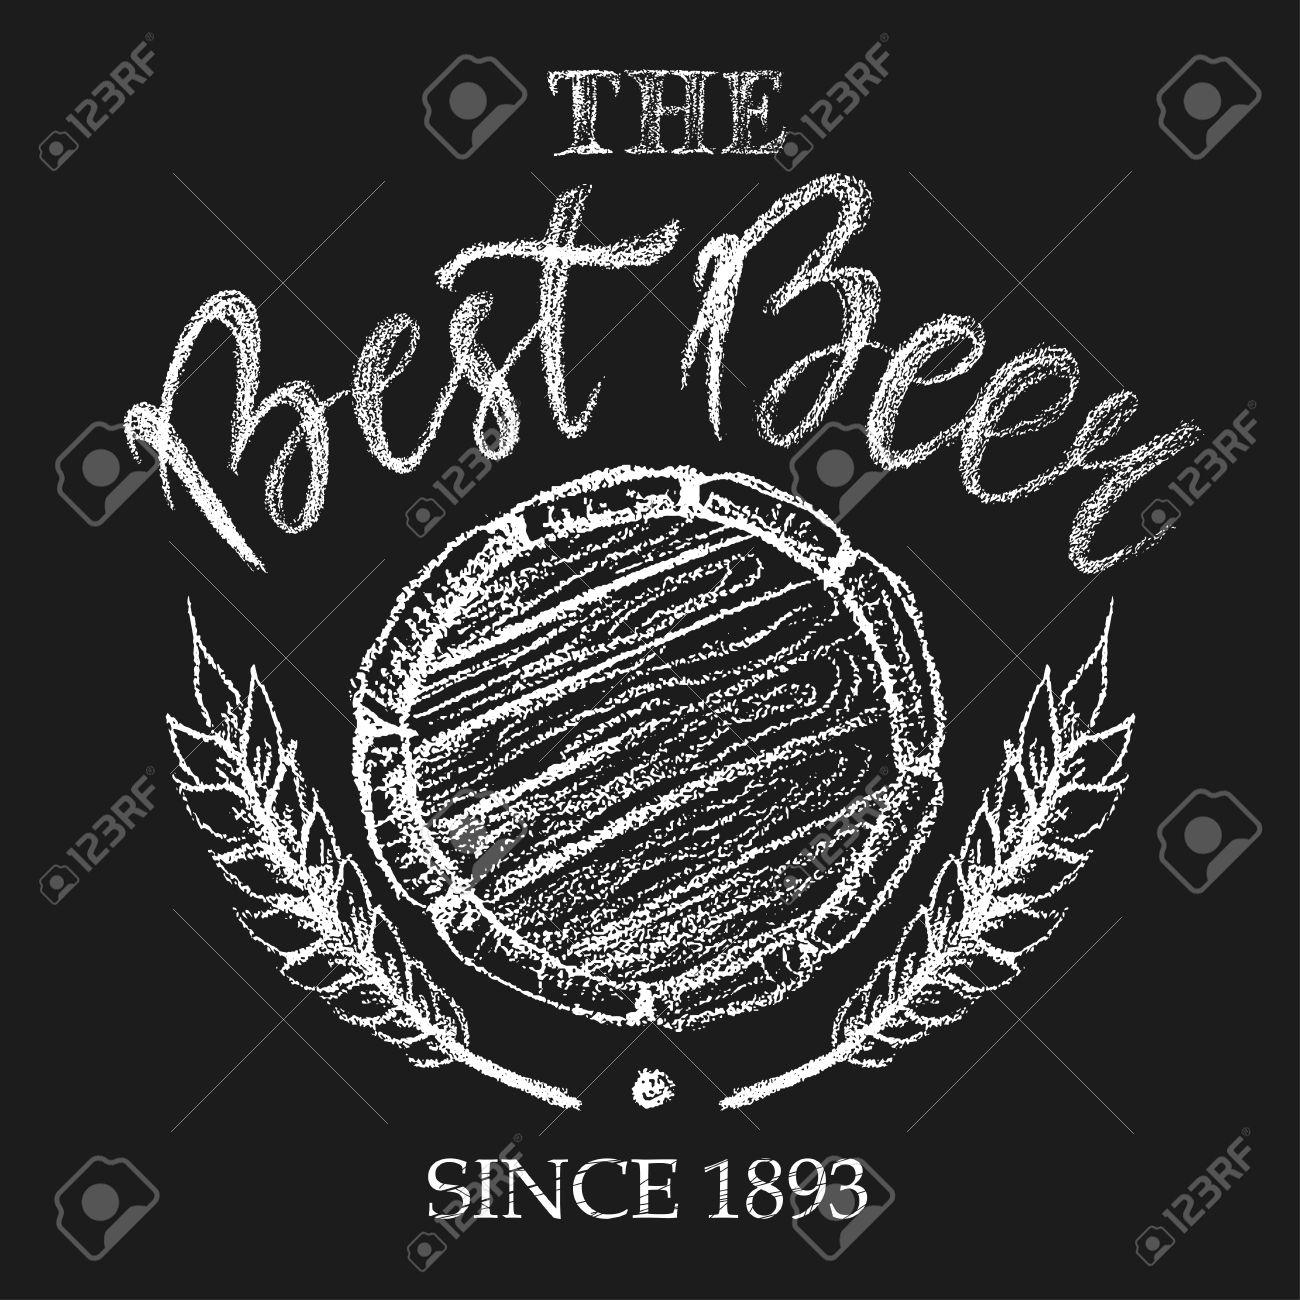 Il Miglior Distintivo Birra Per Affari Produzione Di Birra, Pub.